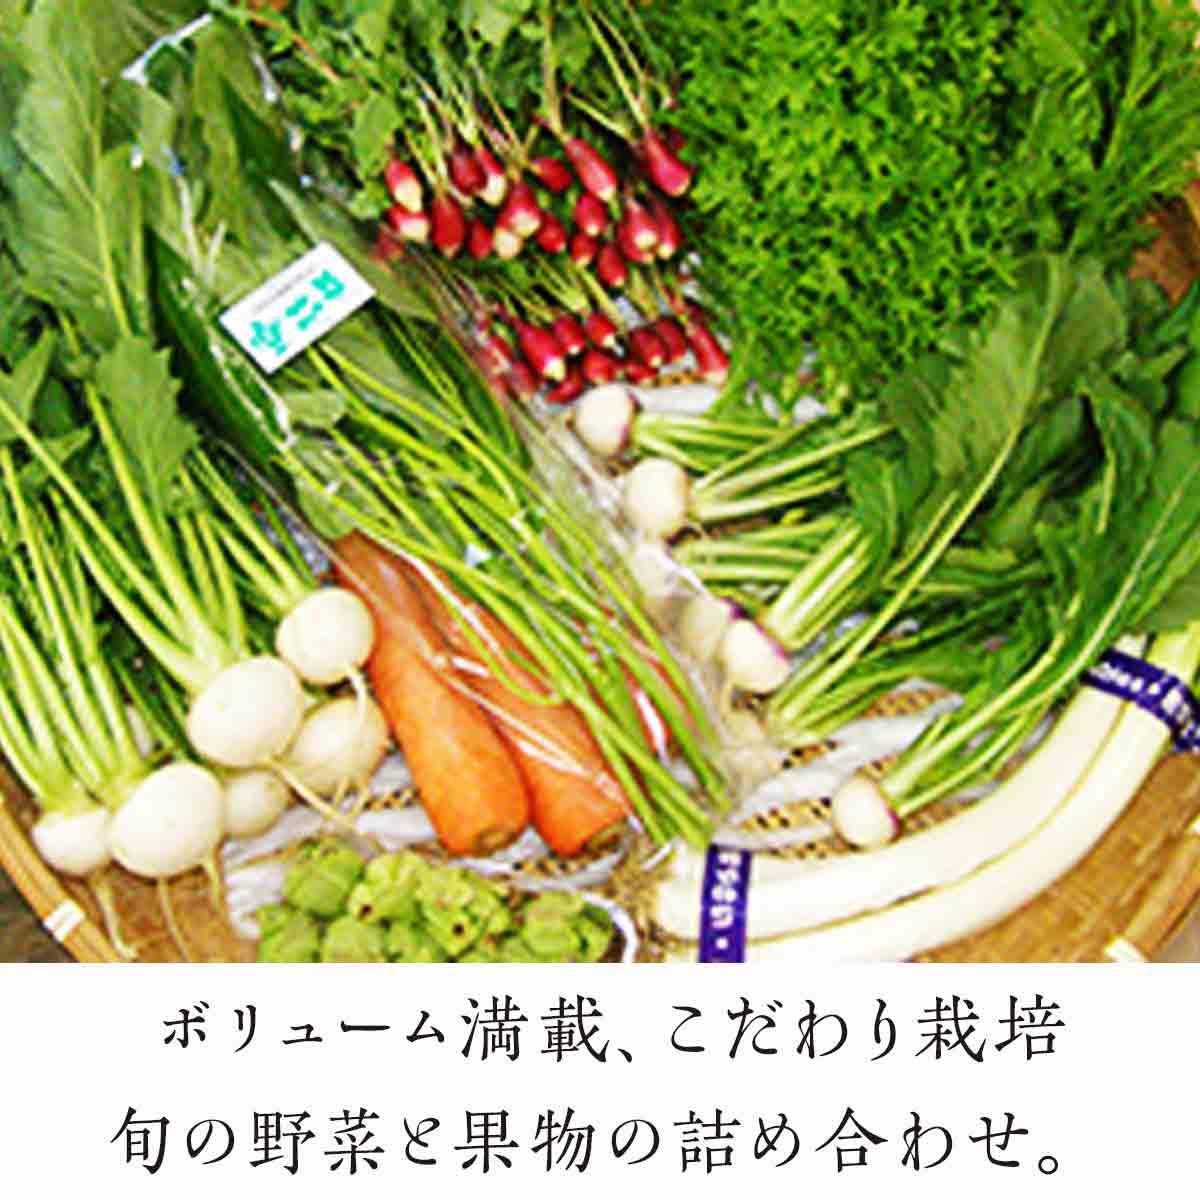 【ふるさと納税】 FT18-009 季節の野菜や果物の詰め合わせ